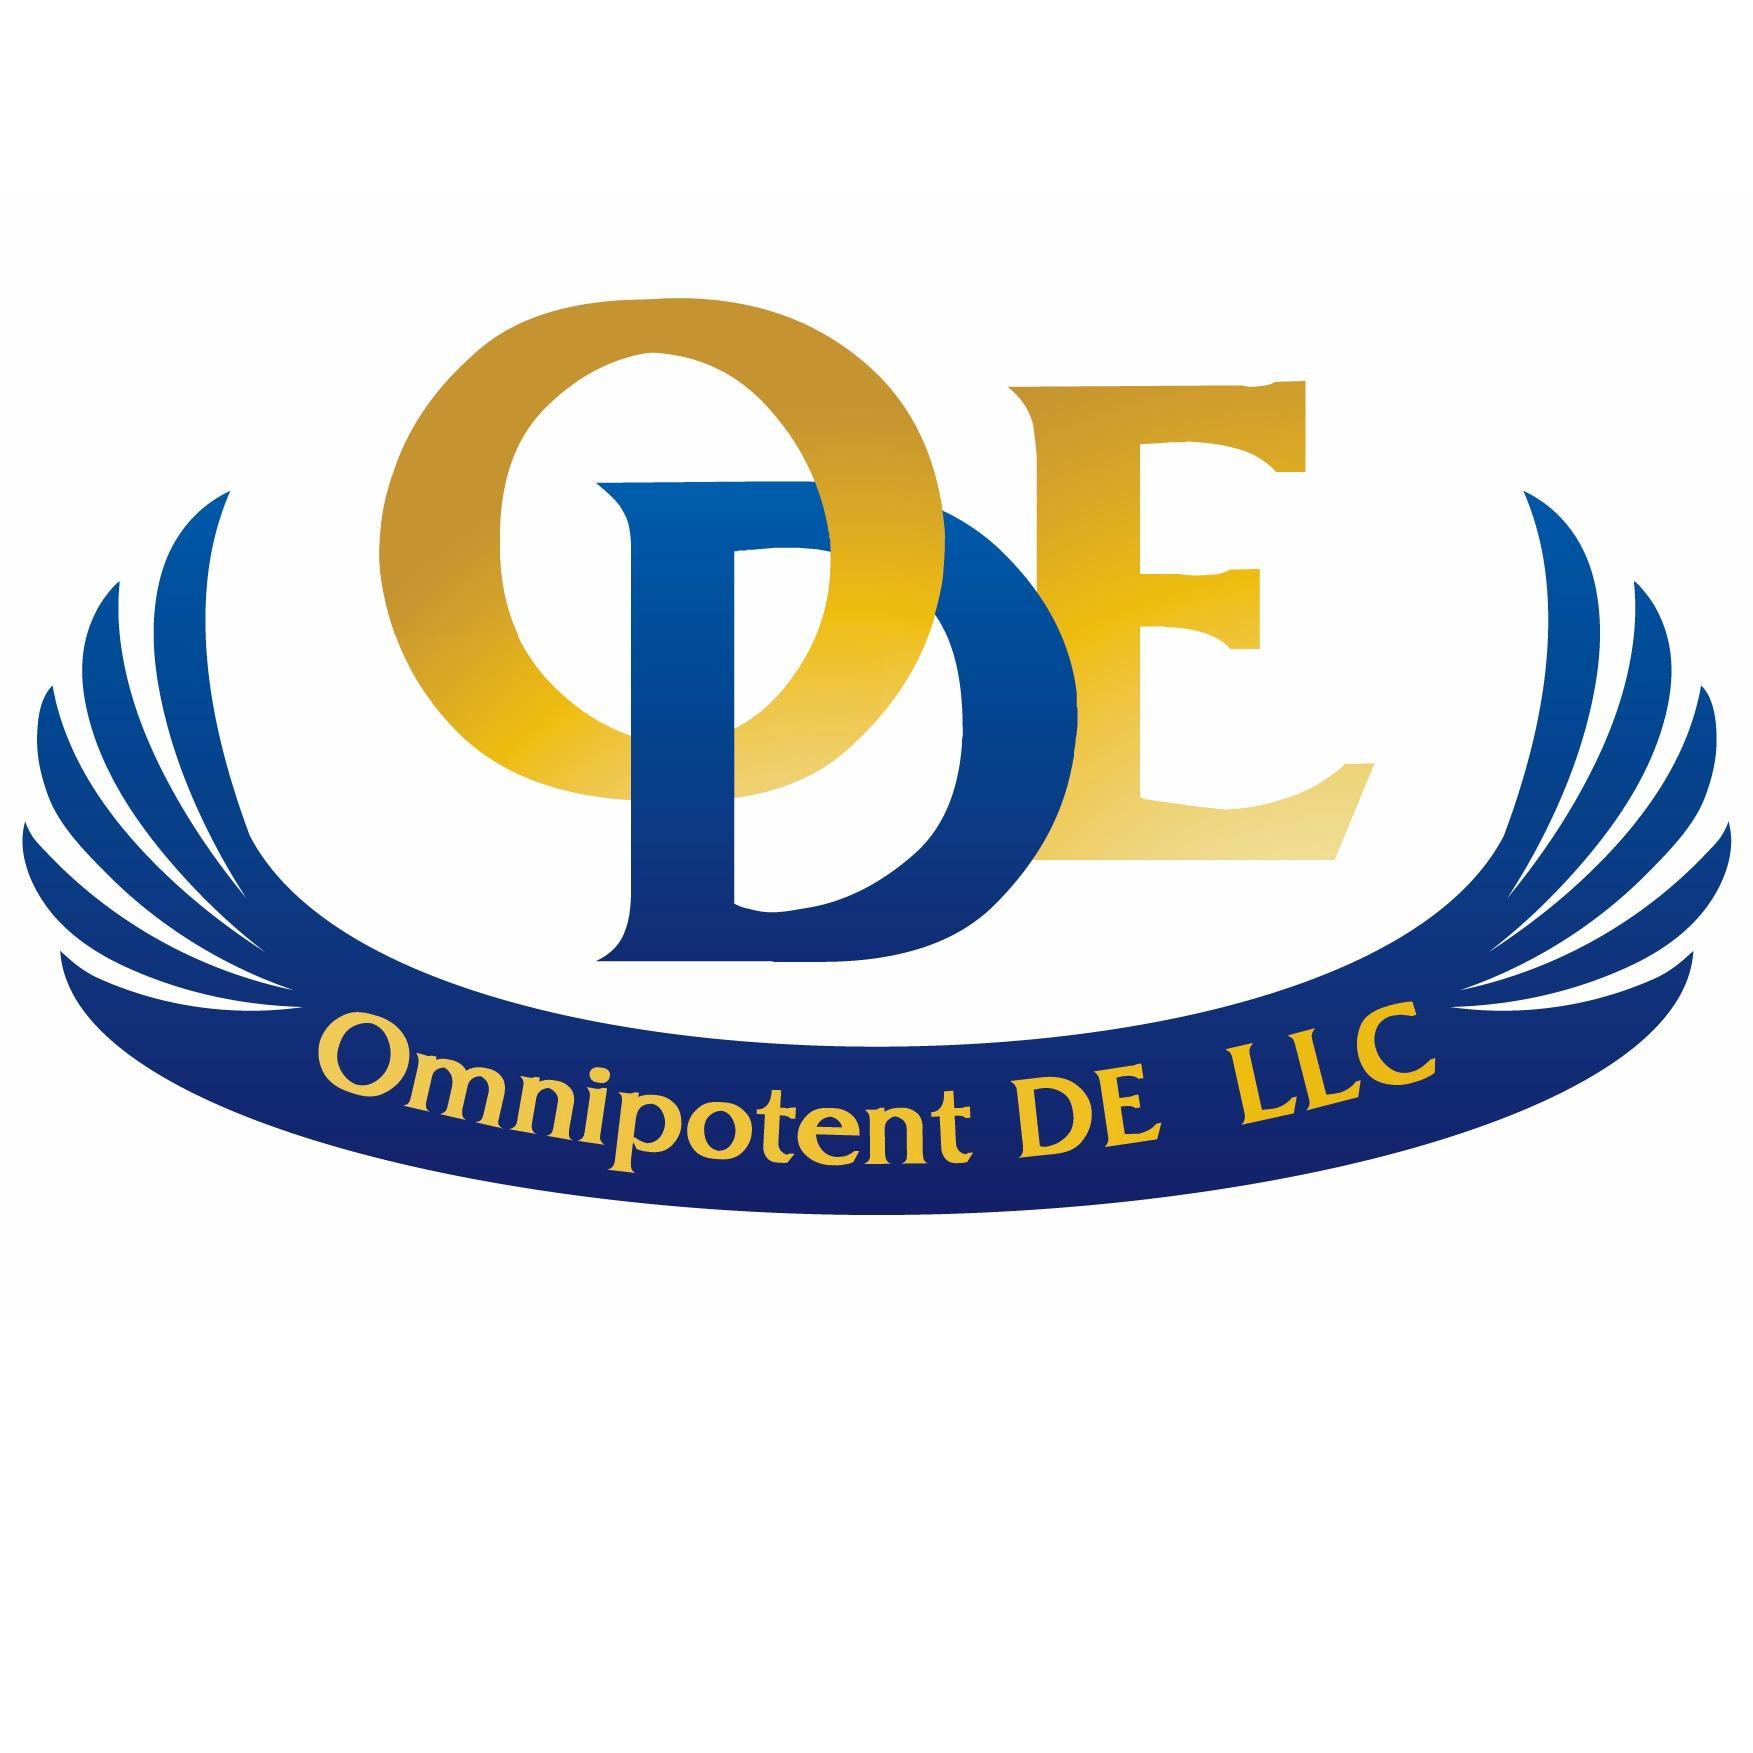 Omnipotentent DE LLC